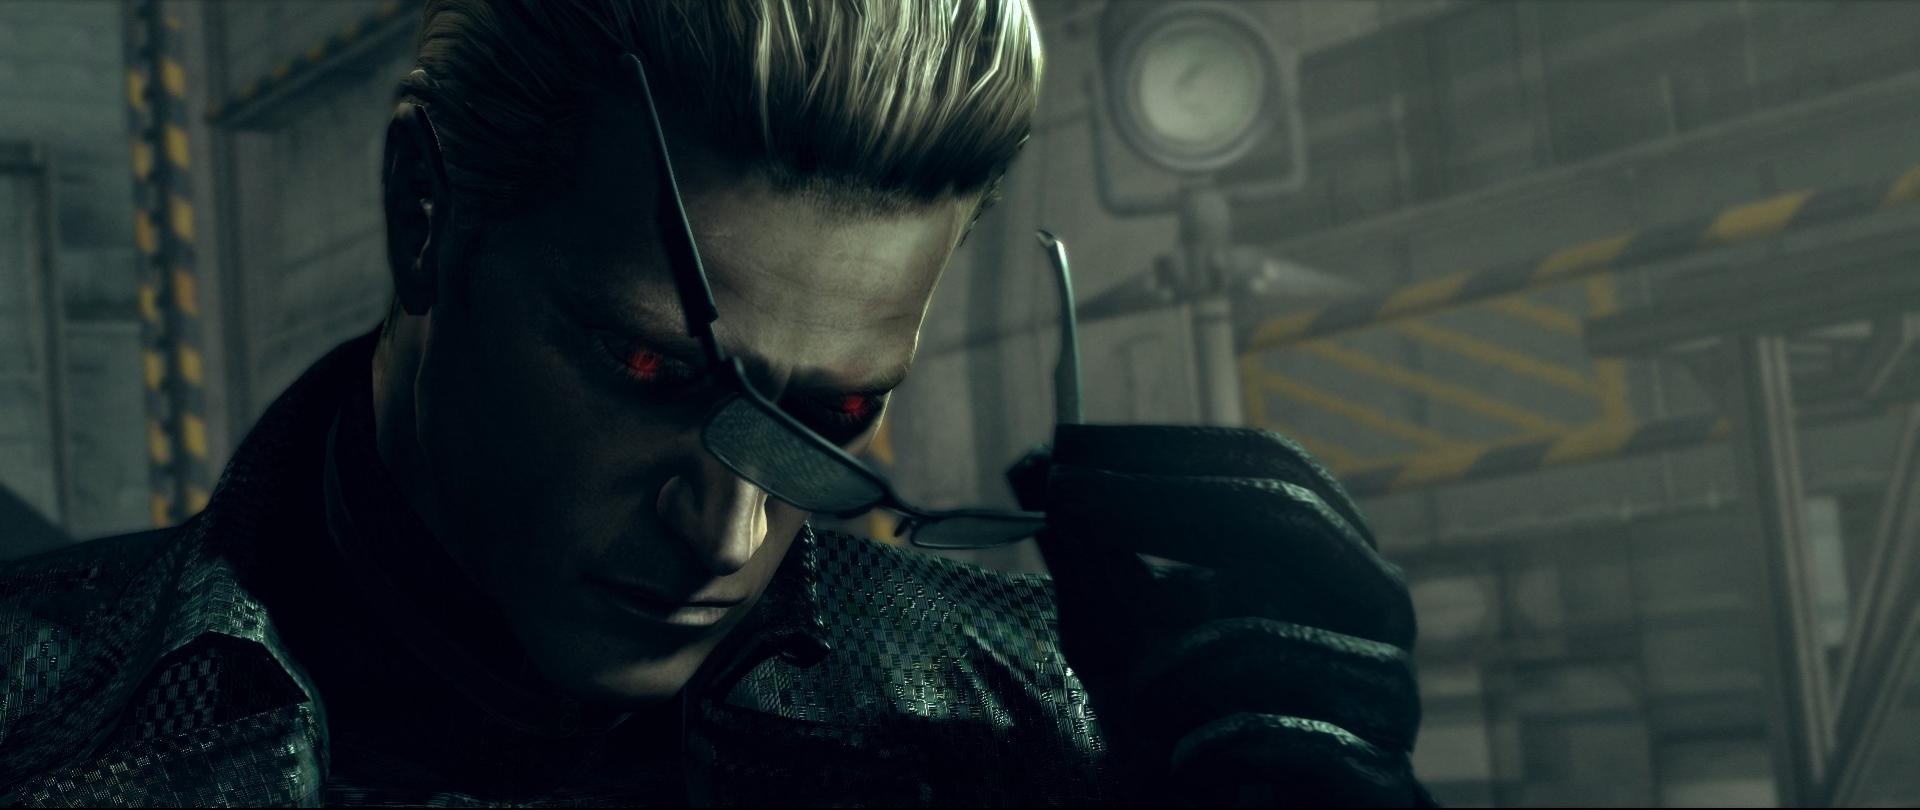 Resident Evil 5 06 Albert Wesker By Raphivania On Deviantart